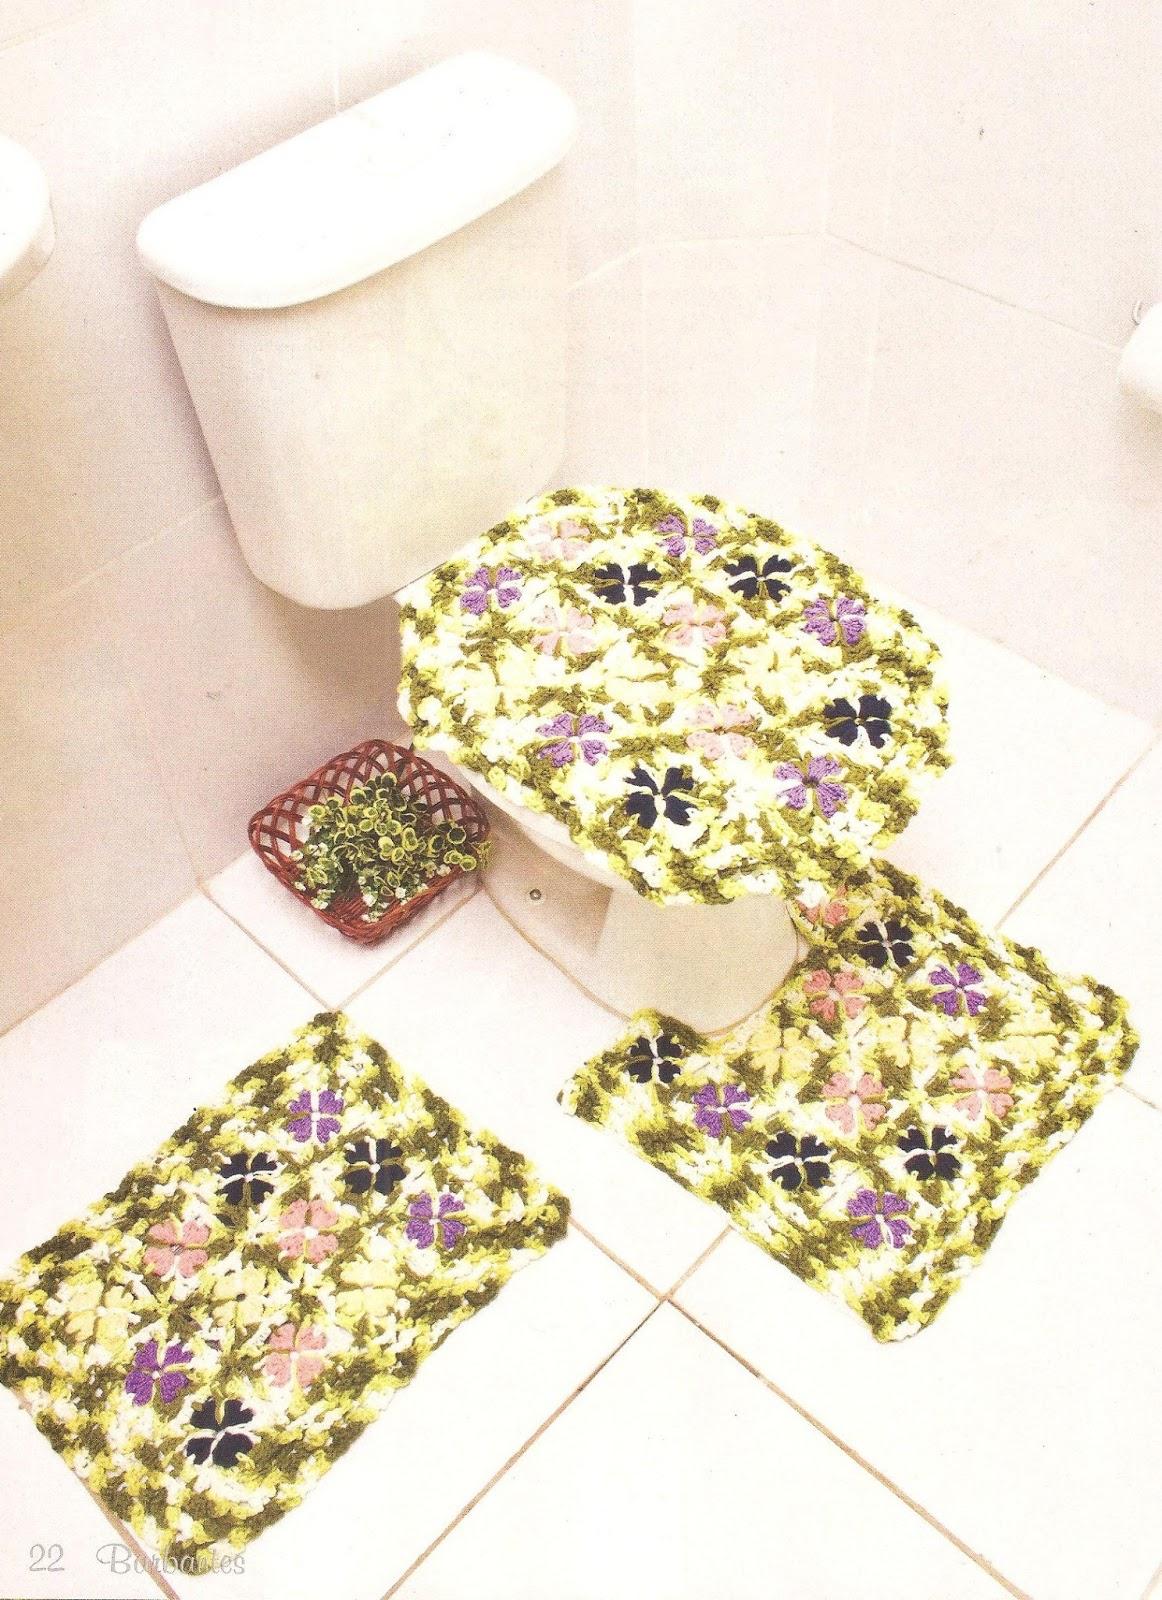 Jogo De Banheiro Completo : Big artes jogo de banheiro completo em croch? com